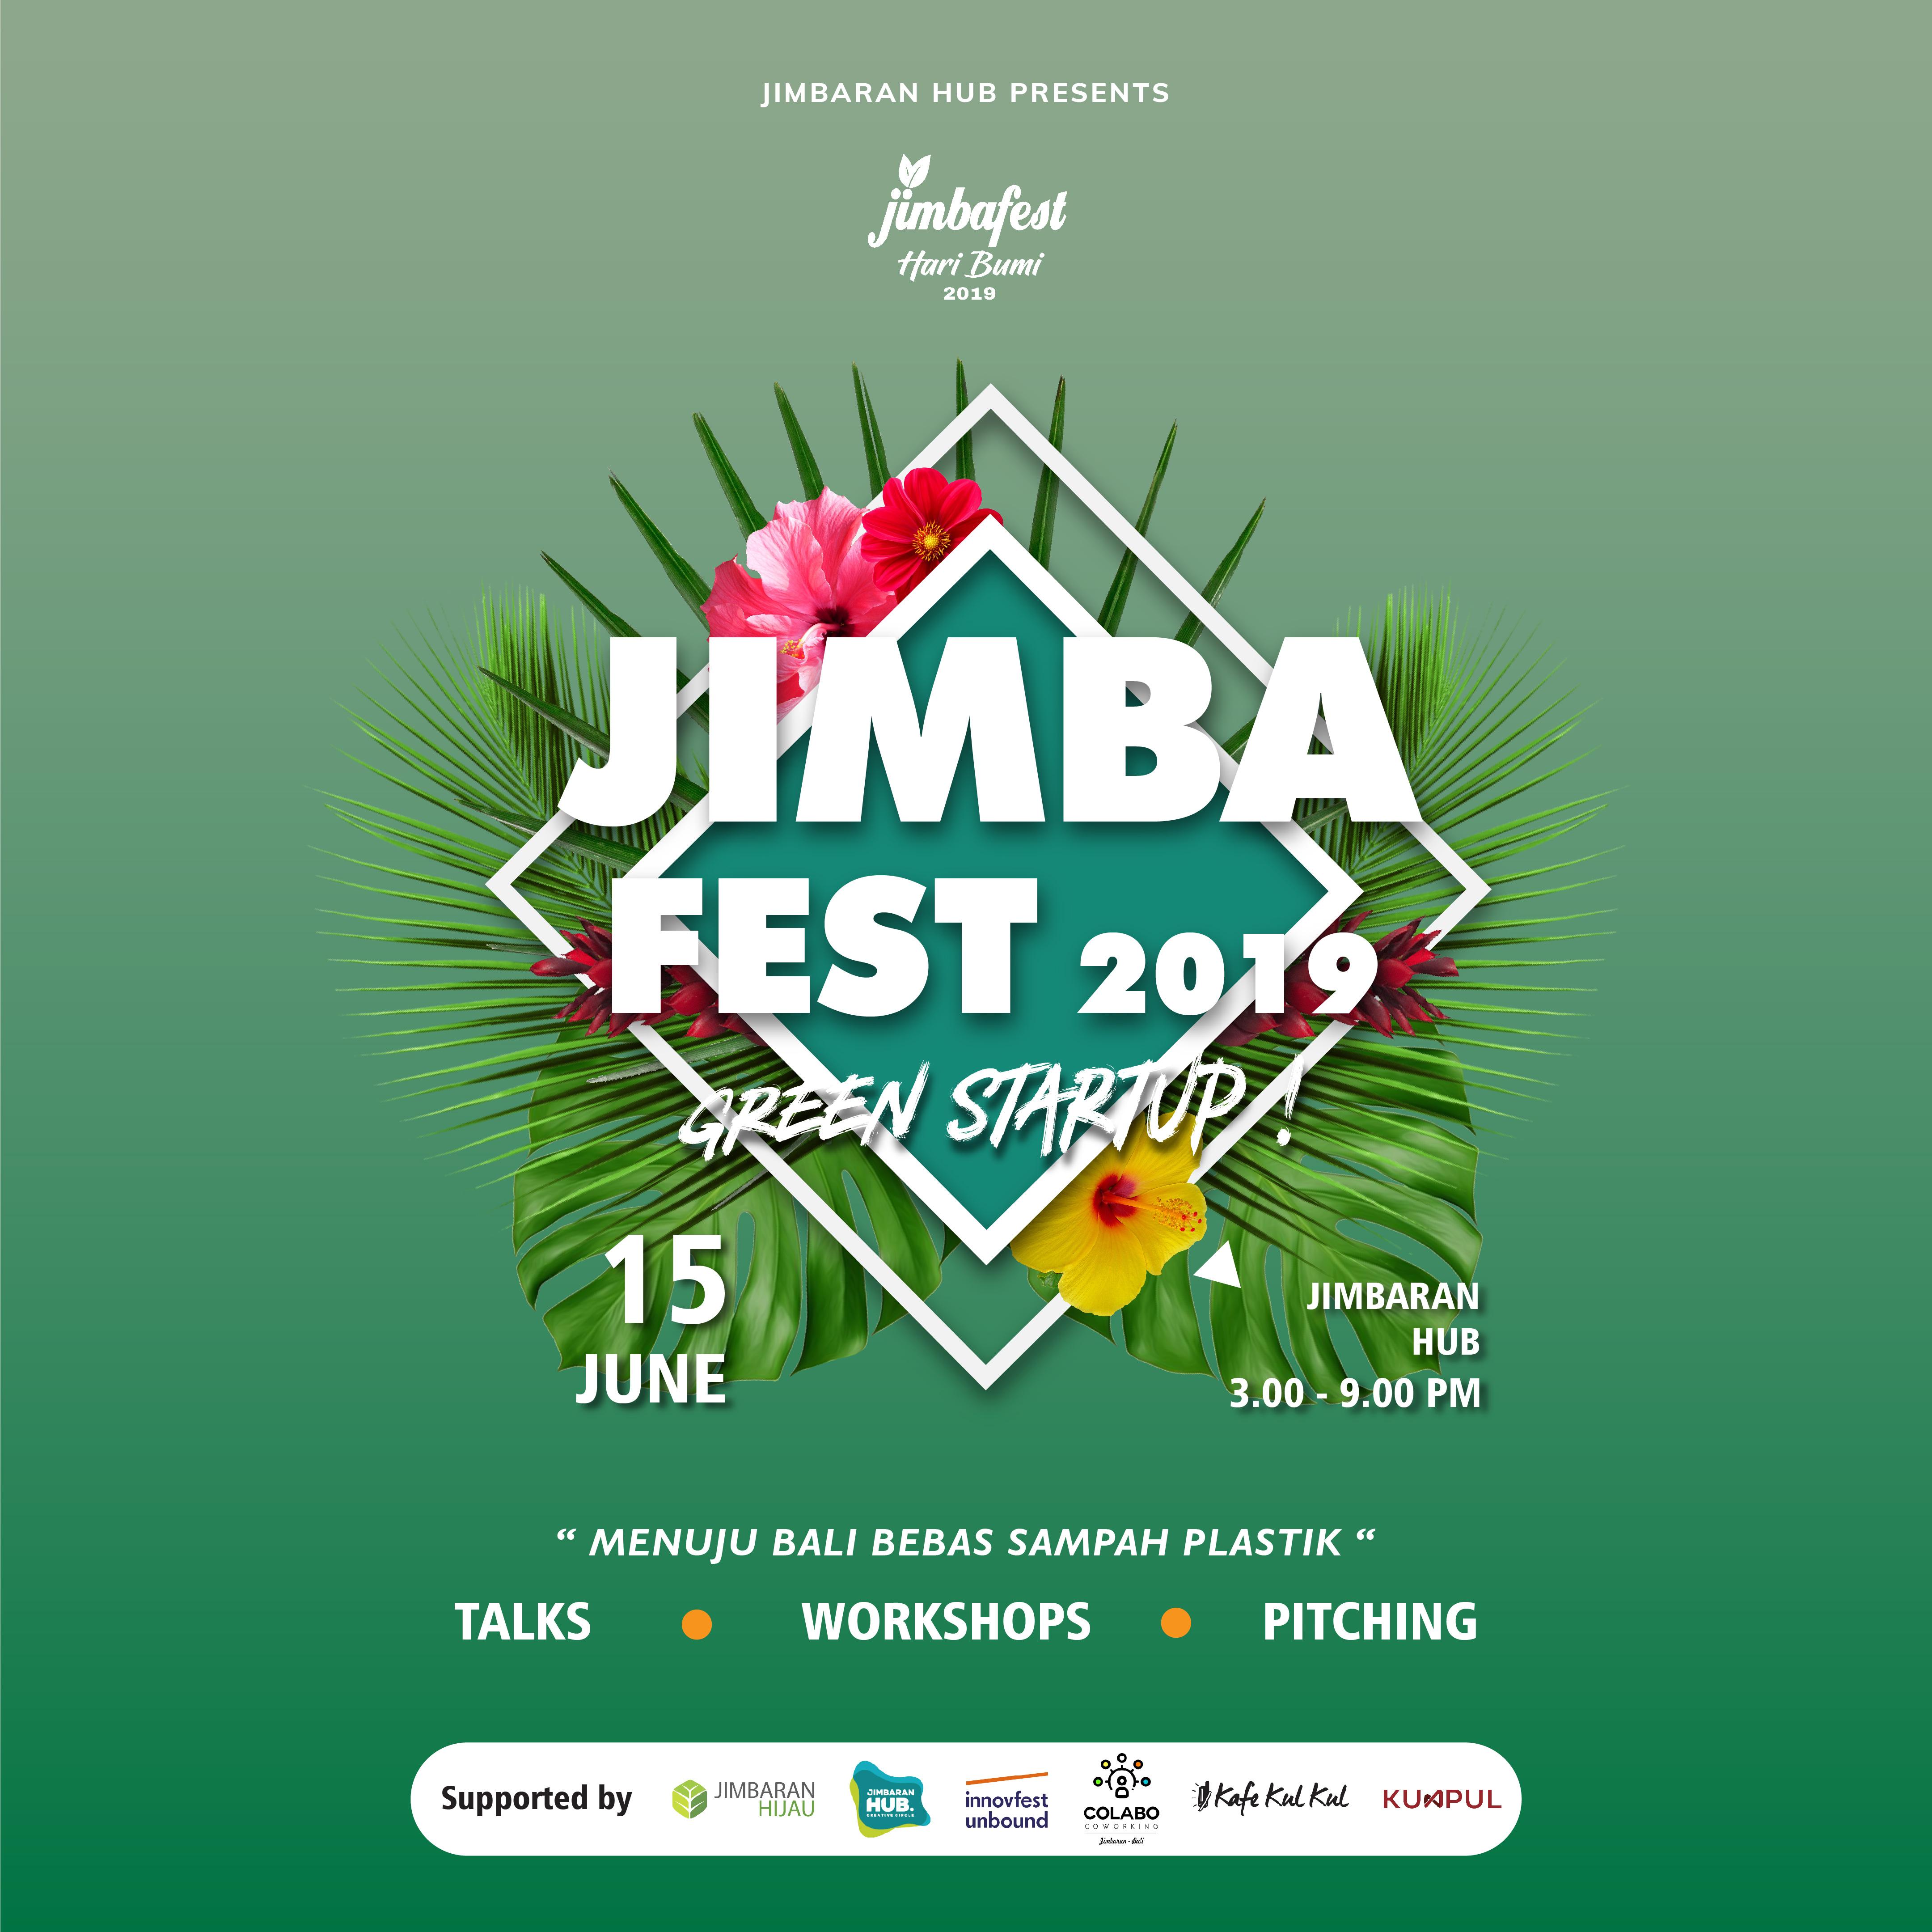 Jimbafest Eflyer 2_1